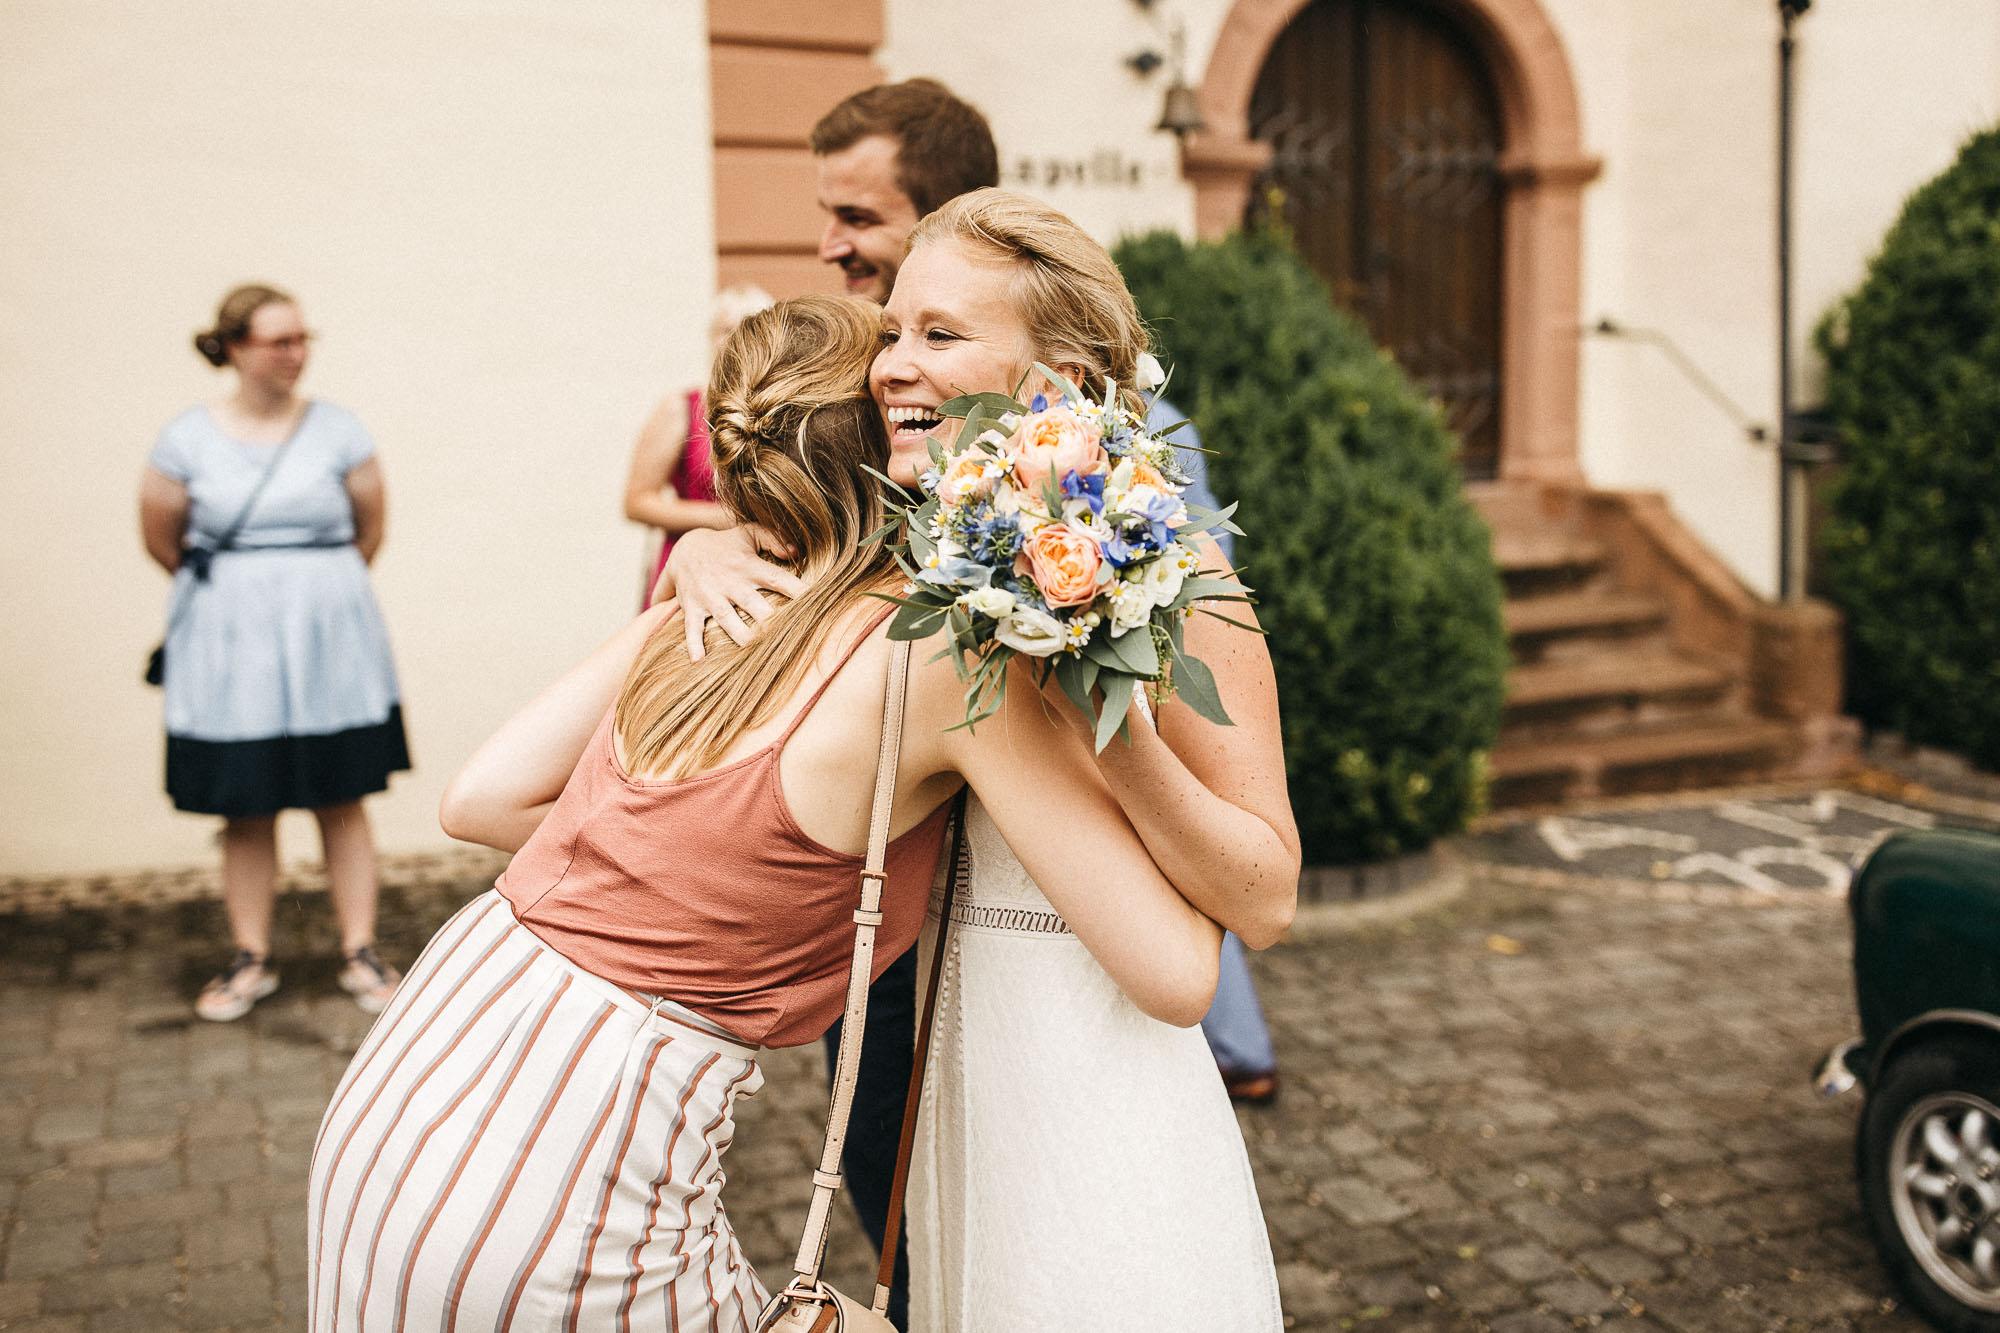 raissa simon photography wedding mosel kloster machern love authentic 375 - Kathrin + Dominik